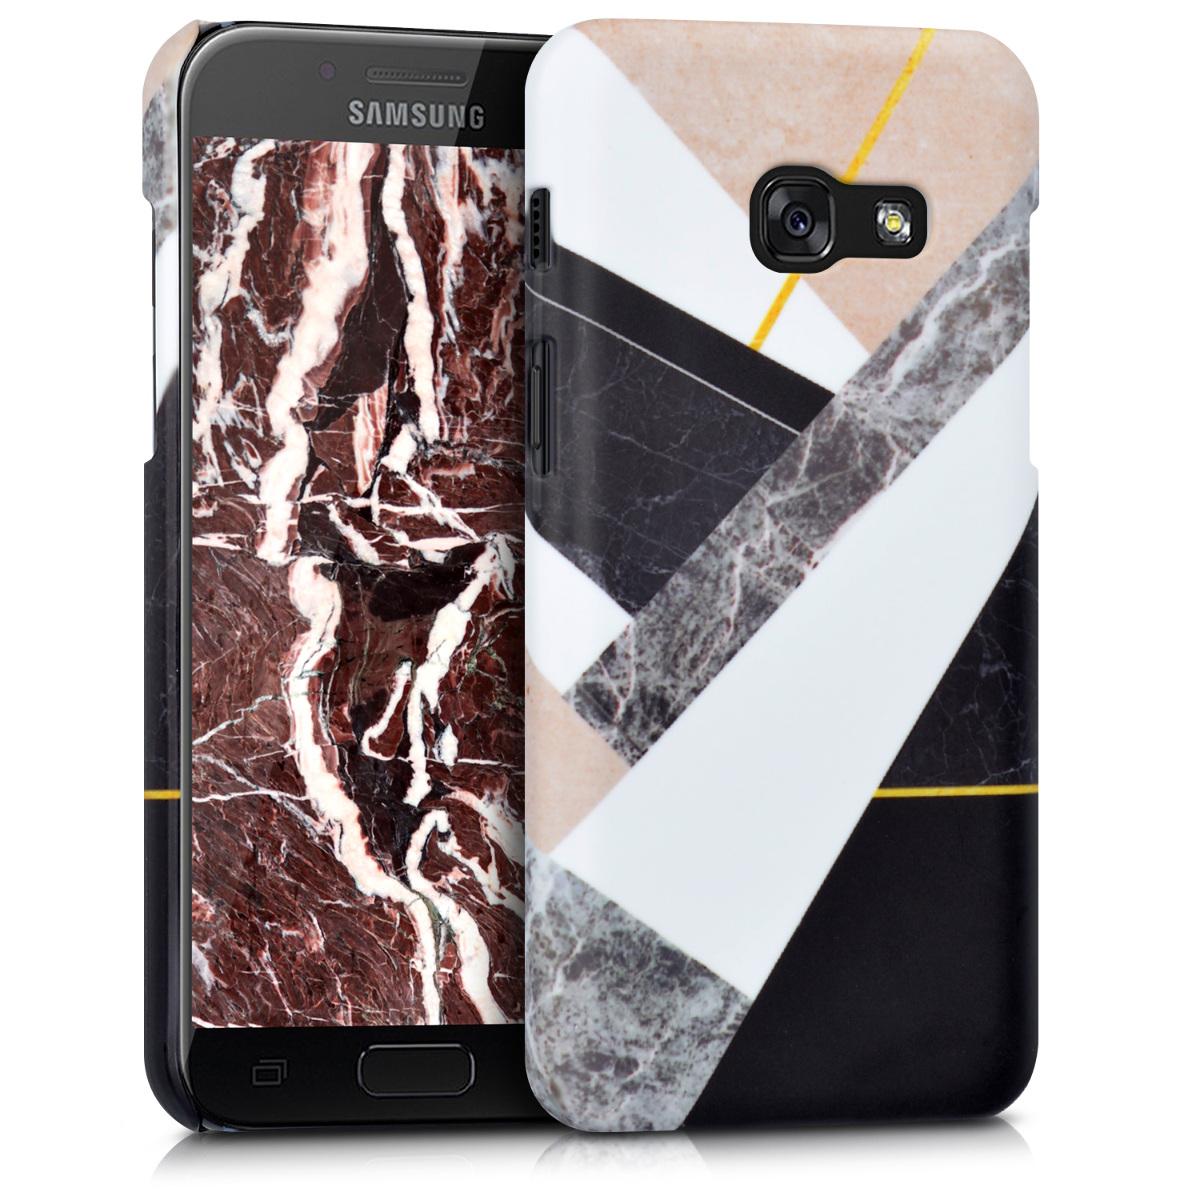 Kvalitní plastové pouzdro pro Samsung A3 (2017) - Smíšená Marble černé / bílé / Beige